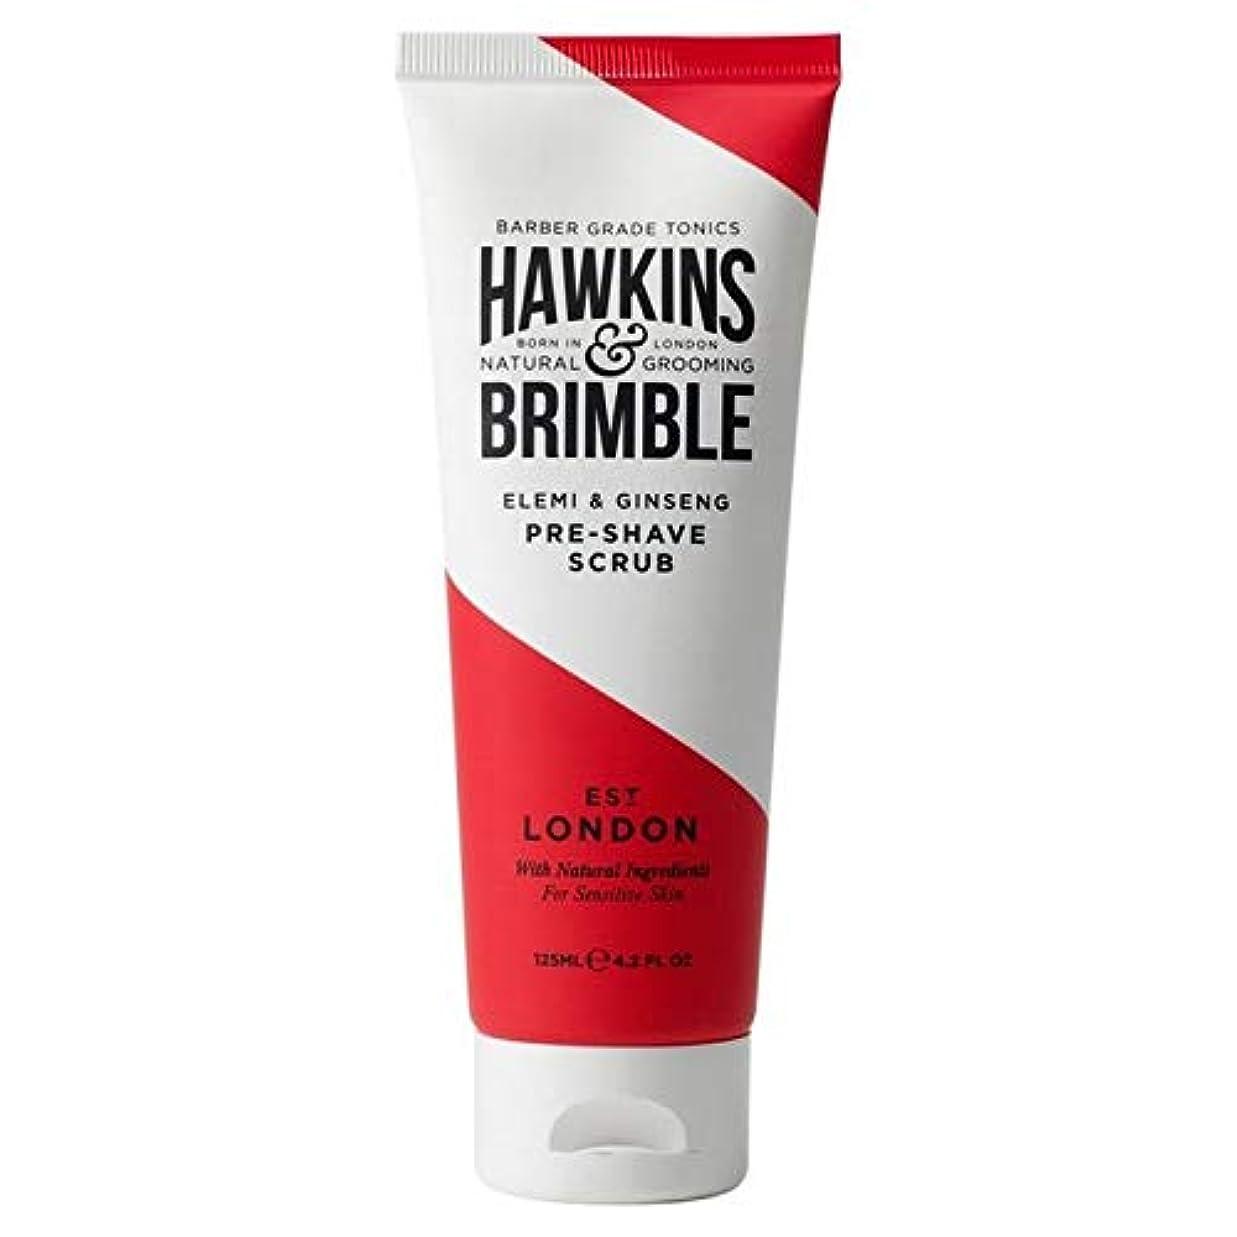 分布罹患率タンク[Hawkins & Brimble] ホーキンス&Brimbleプレシェーブスクラブ125ミリリットル - Hawkins & Brimble Pre Shave Scrub 125ml [並行輸入品]